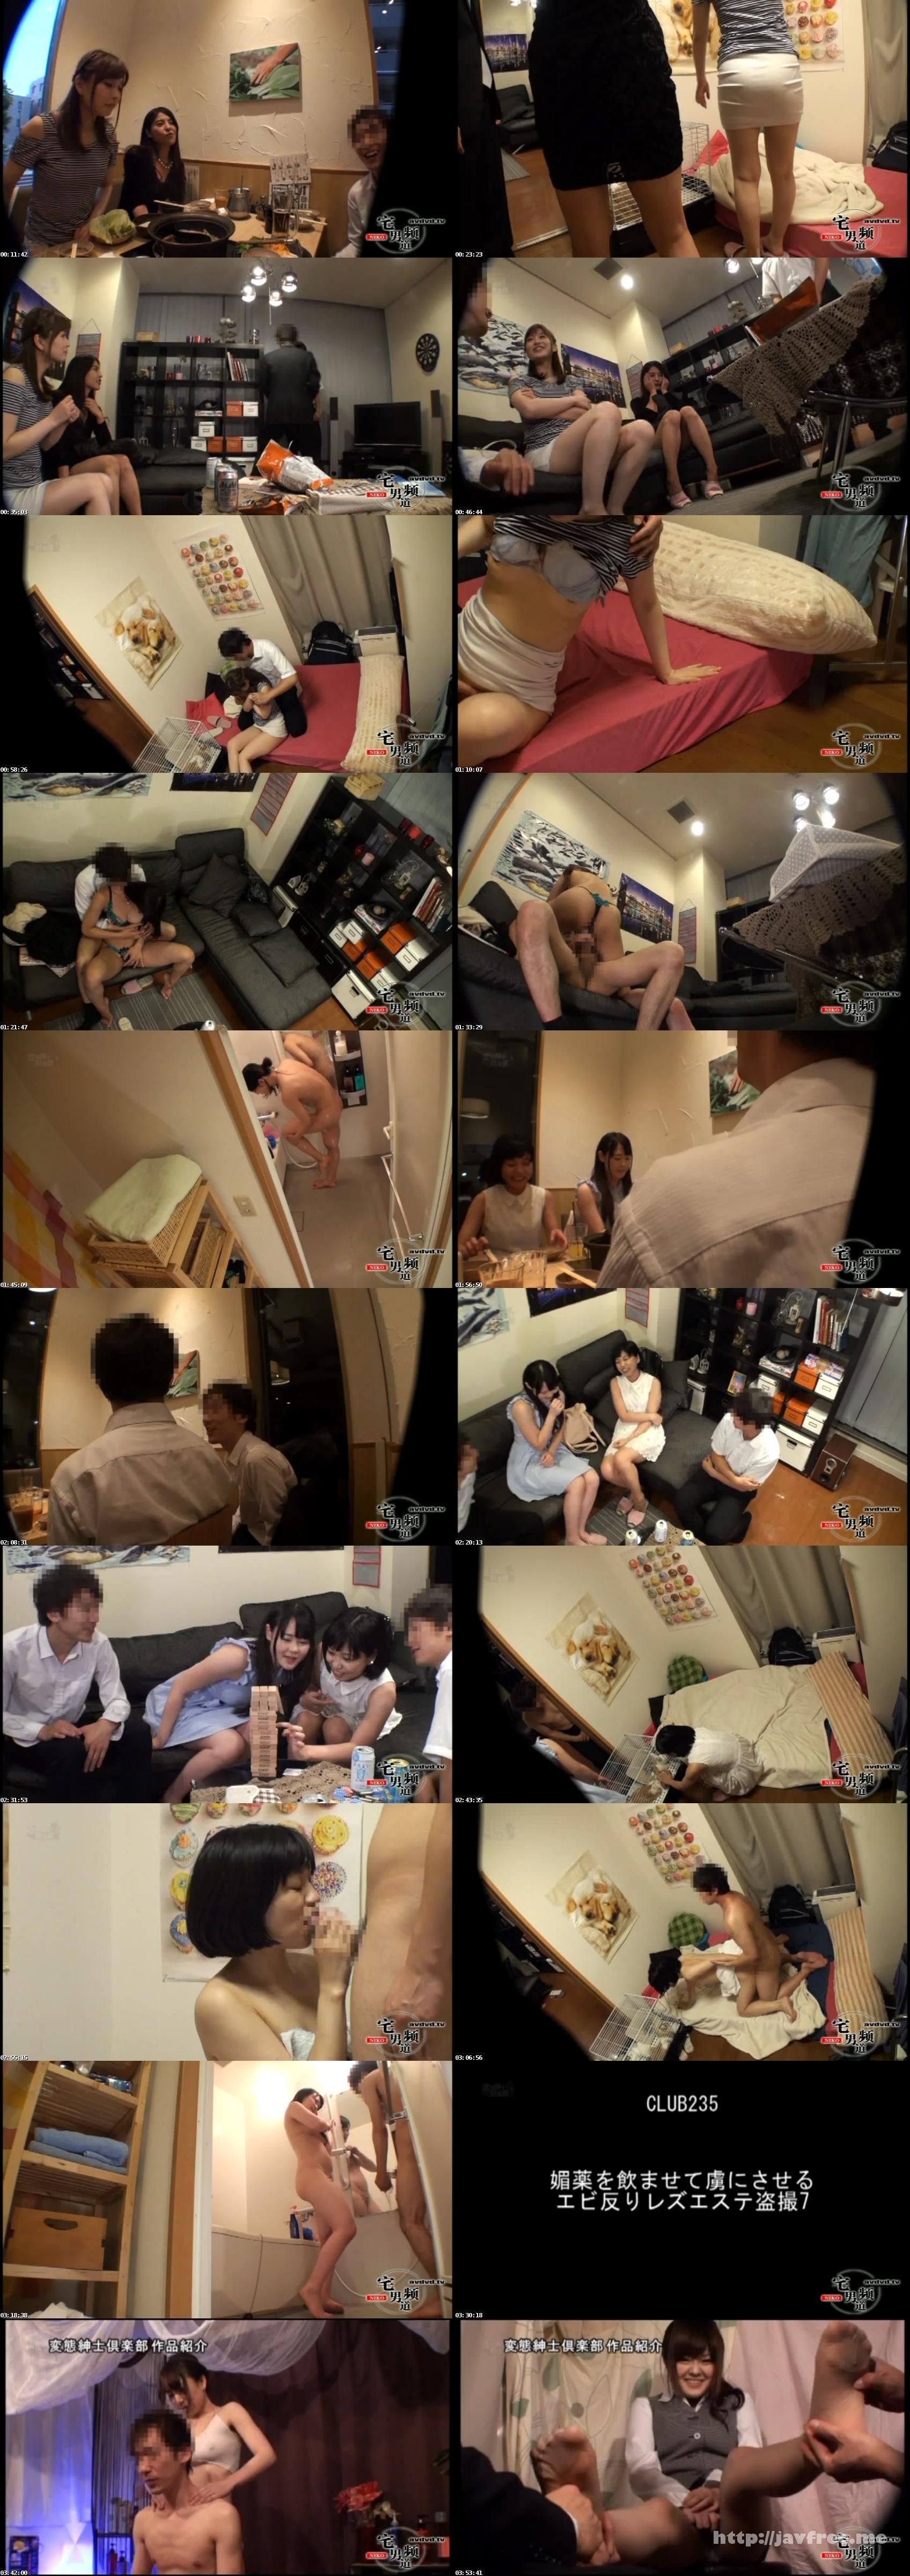 [CLUB-240] 相席居酒屋でナンパした仲良し2人組をお持ち帰り。コソコソHしていると隣の部屋にいるガードの堅い女友達はヤラせてくれるか 其の伍 - image CLUB-240 on https://javfree.me